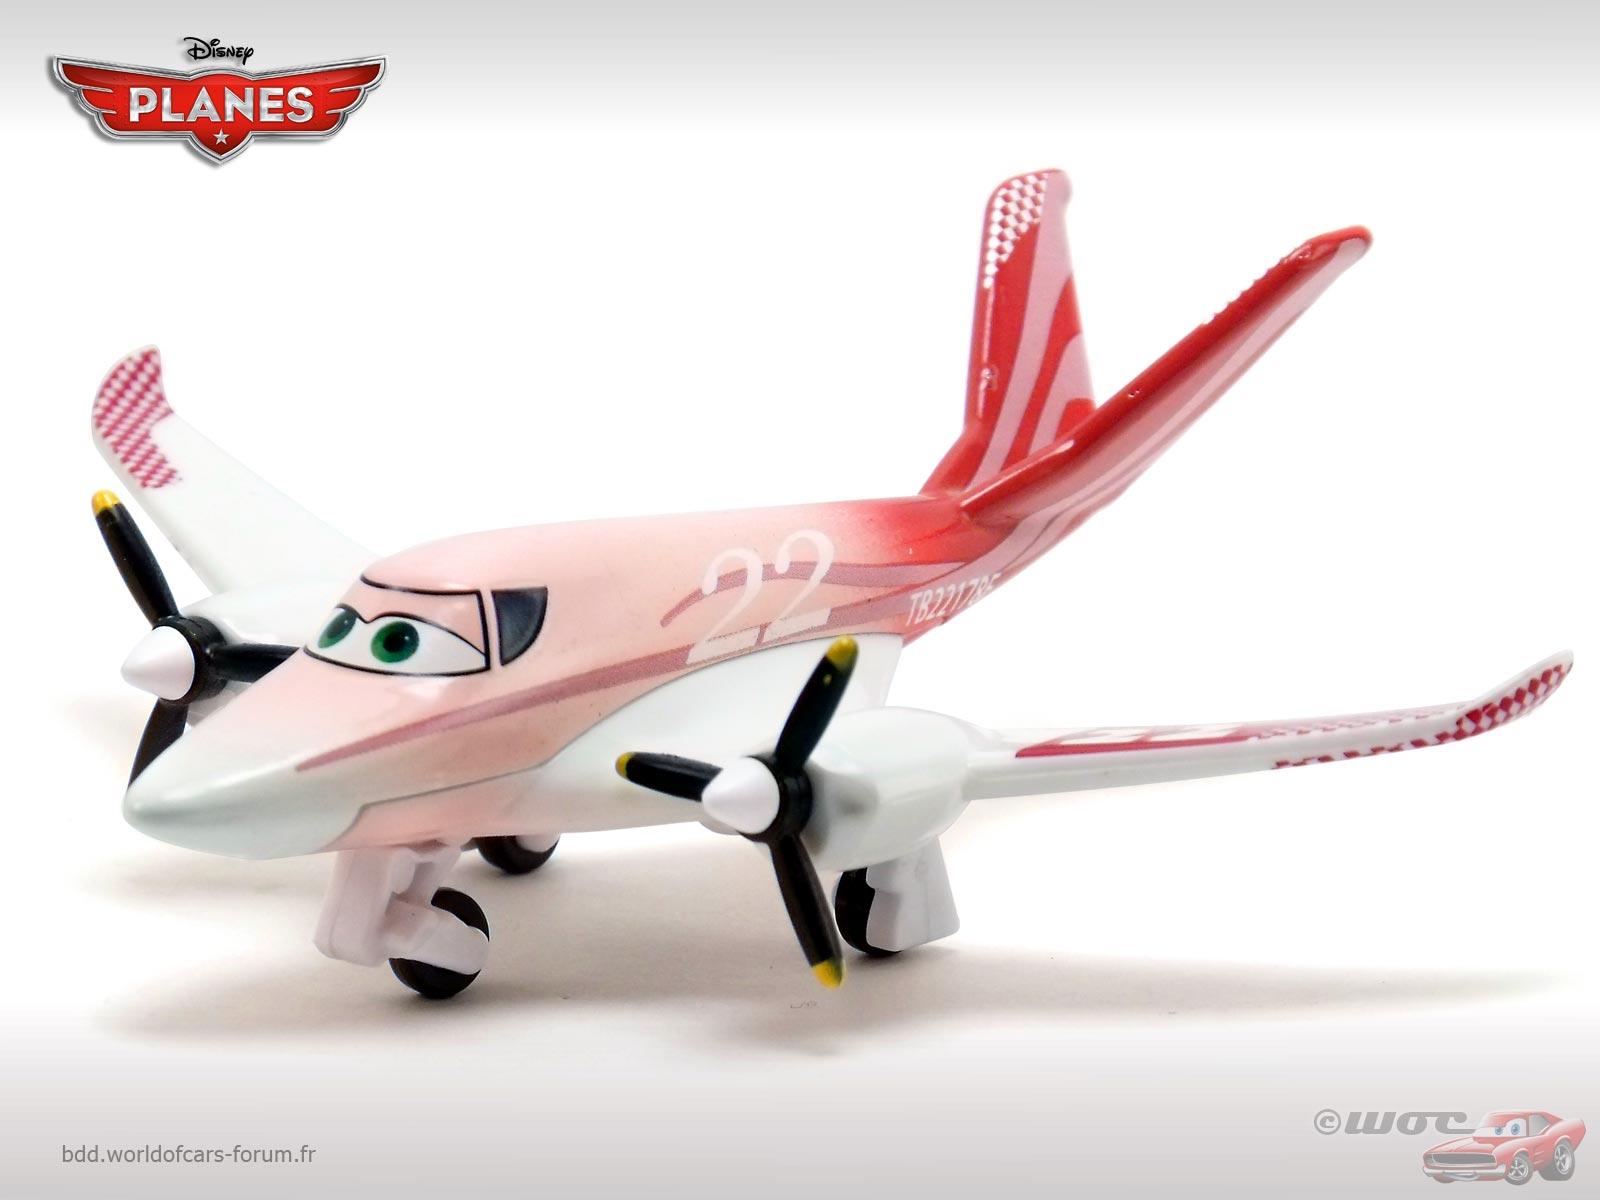 [Planes] petit point sur Planes Rochelle_french_version